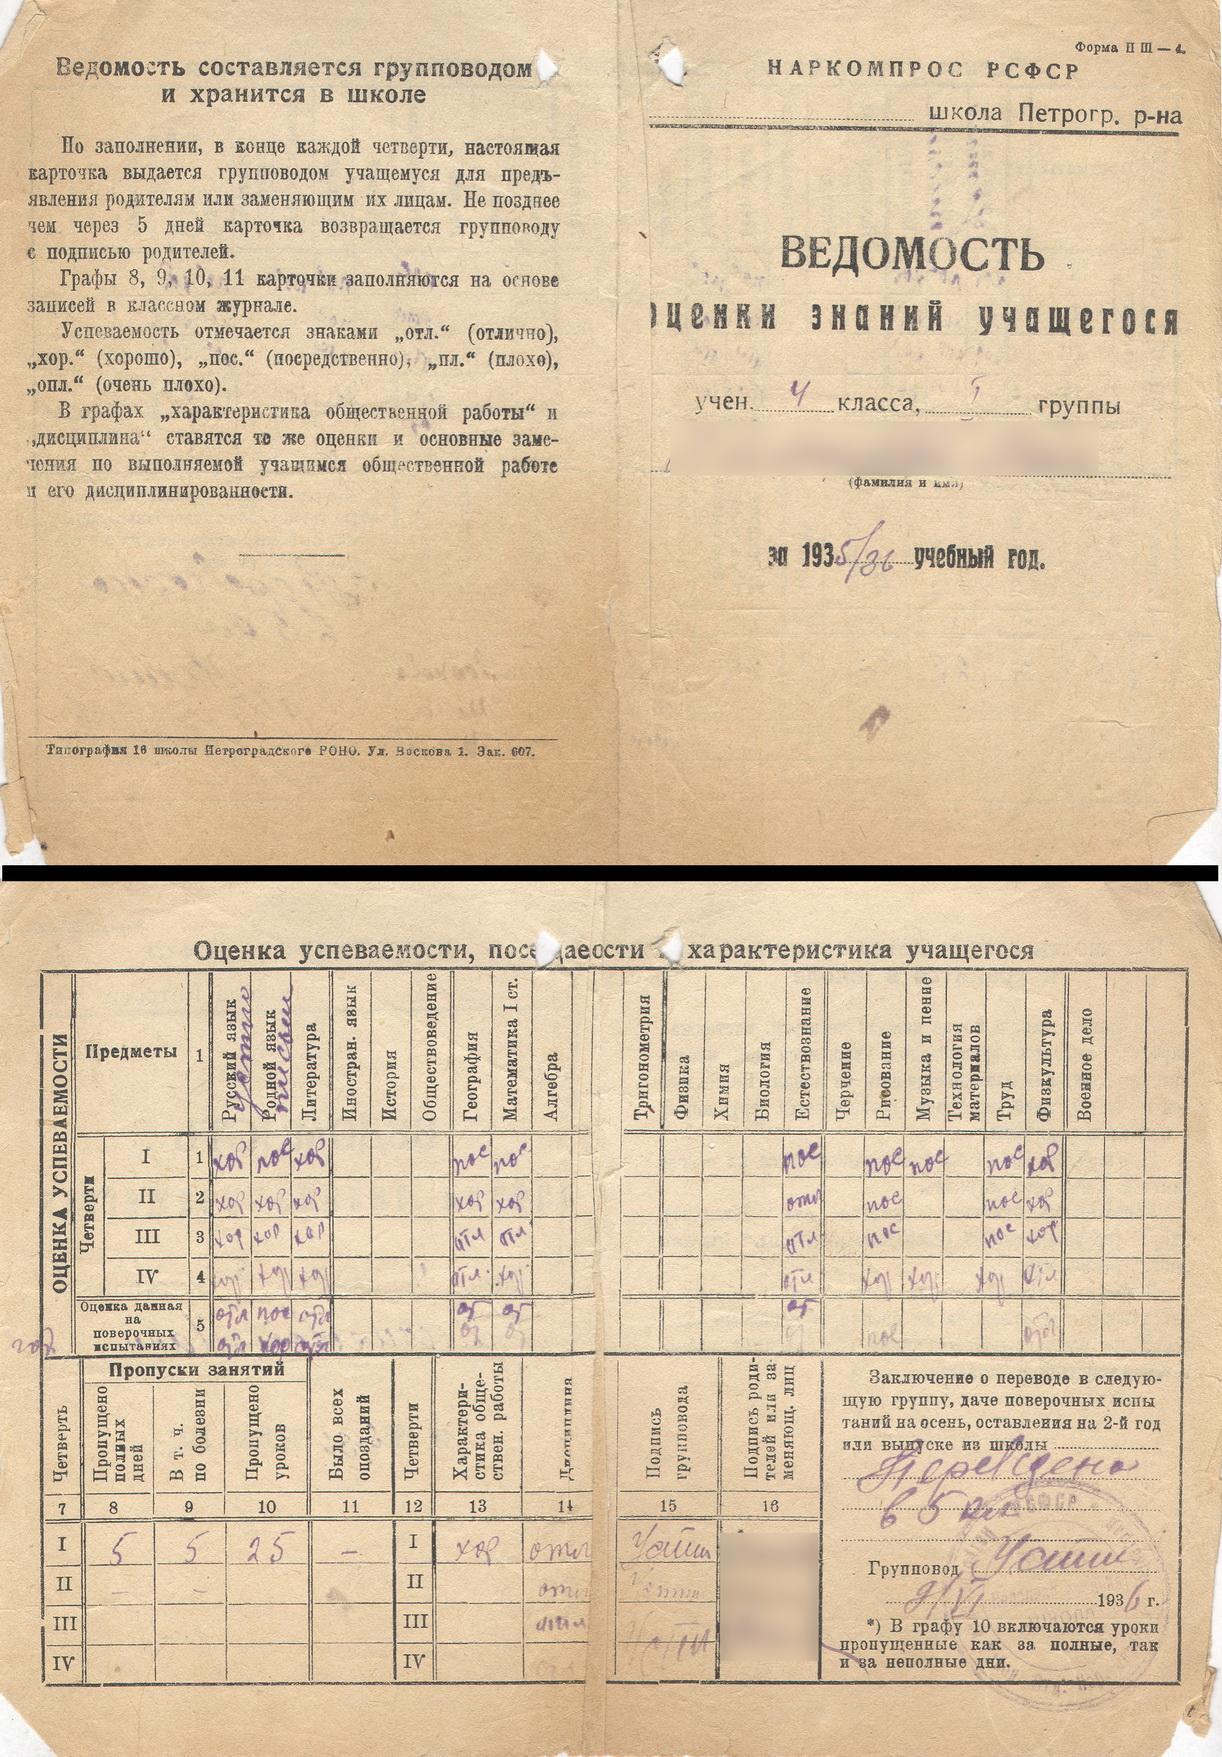 Tabel - 1935-36 - 4 klass_resize